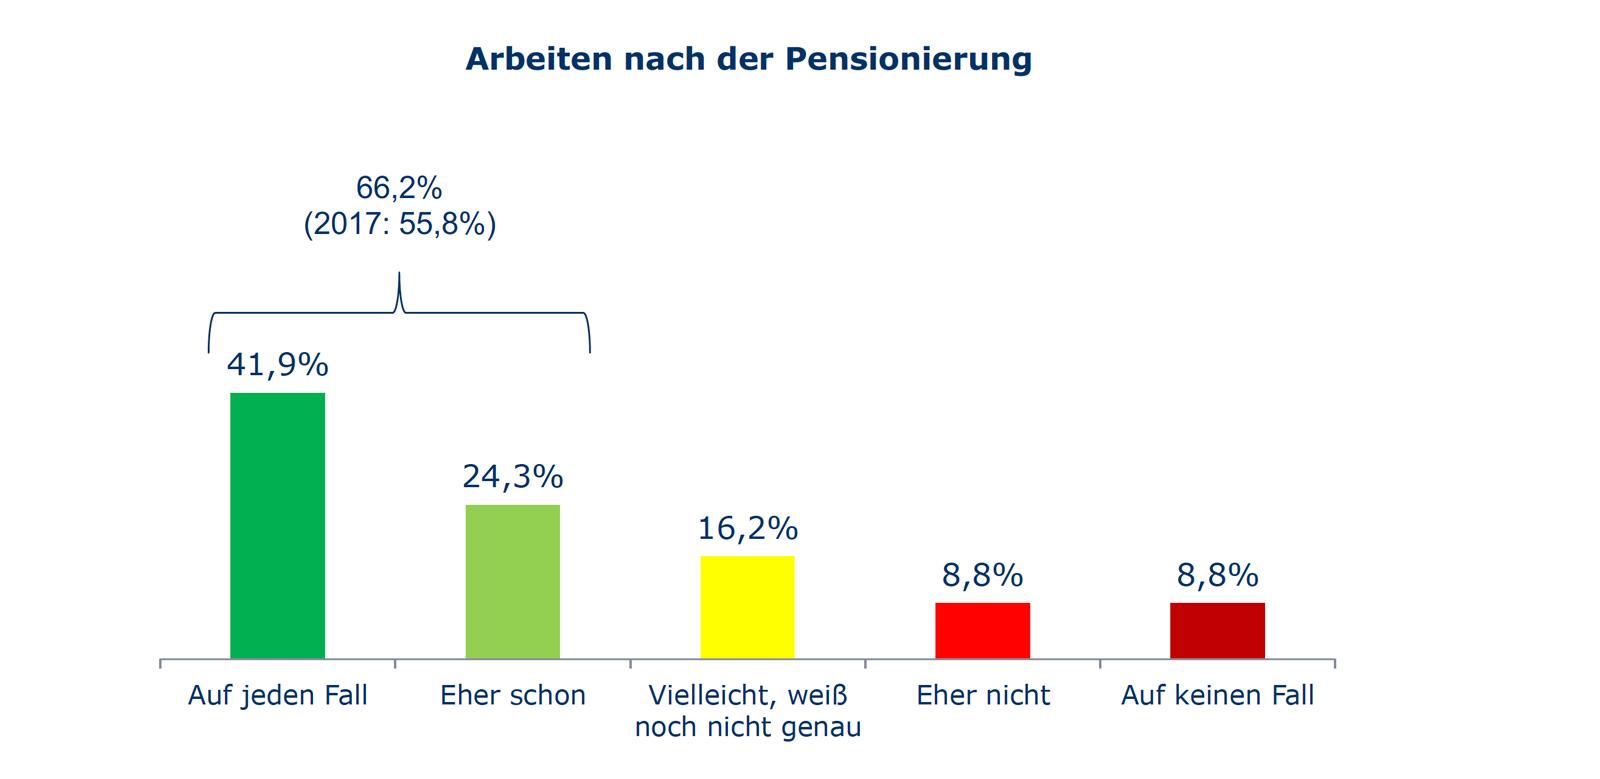 Inwieweit möchten Sie nach Ihrer Pensionierung – zumindest teilweise – noch weiter arbeiten, also bezahlt oder ehrenamtlich tätig sein? (Basis: Personen sind nicht in Pension; n= 211)